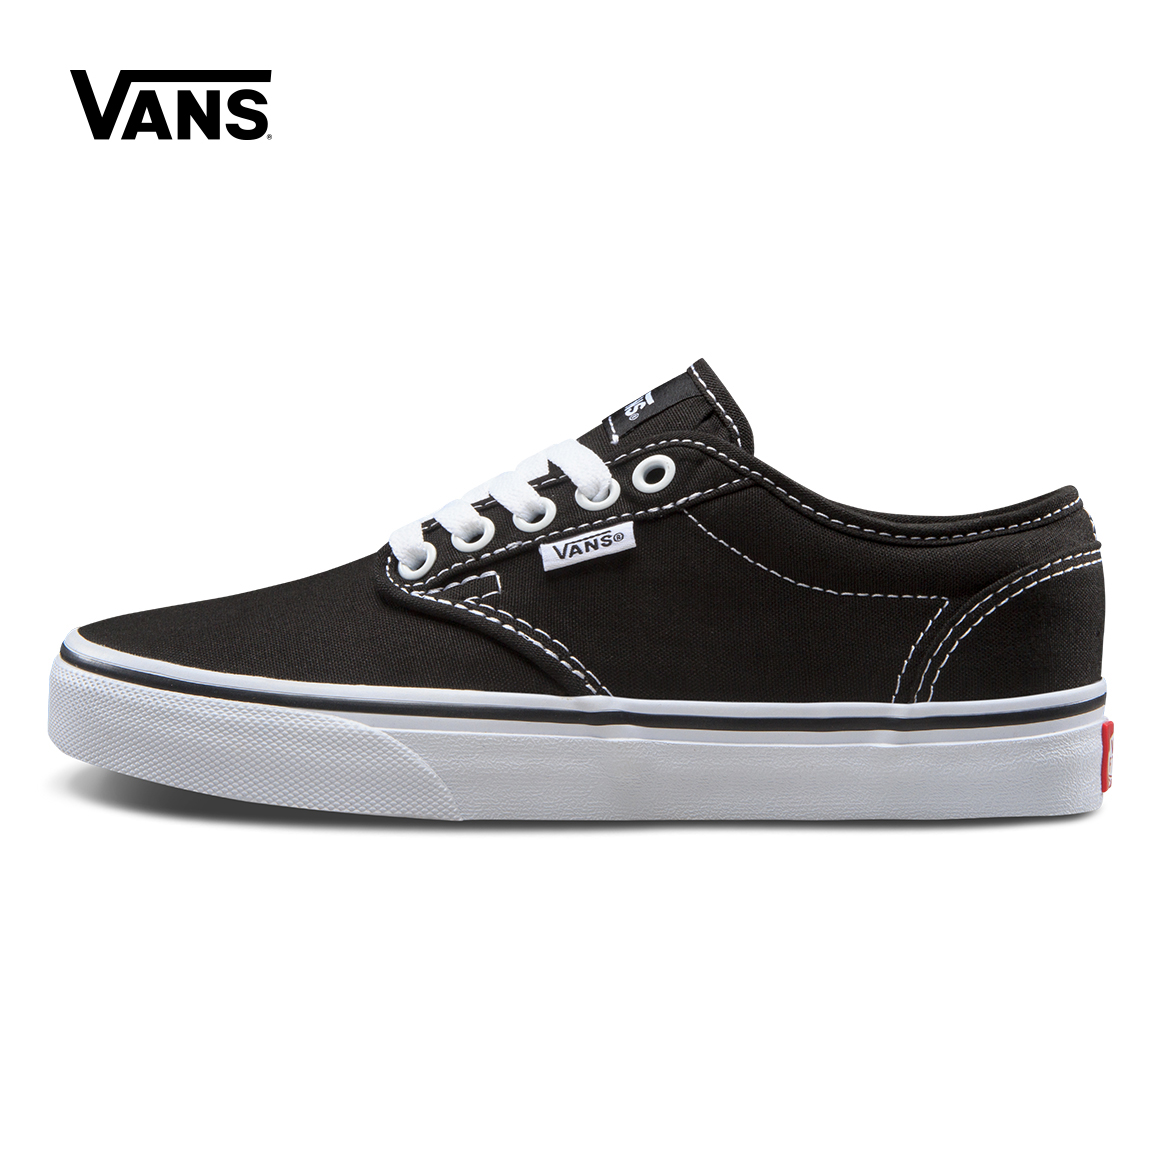 Vans/ модель адамс цвет / женские модели спортивной обуви обувь  VN-0K0F187